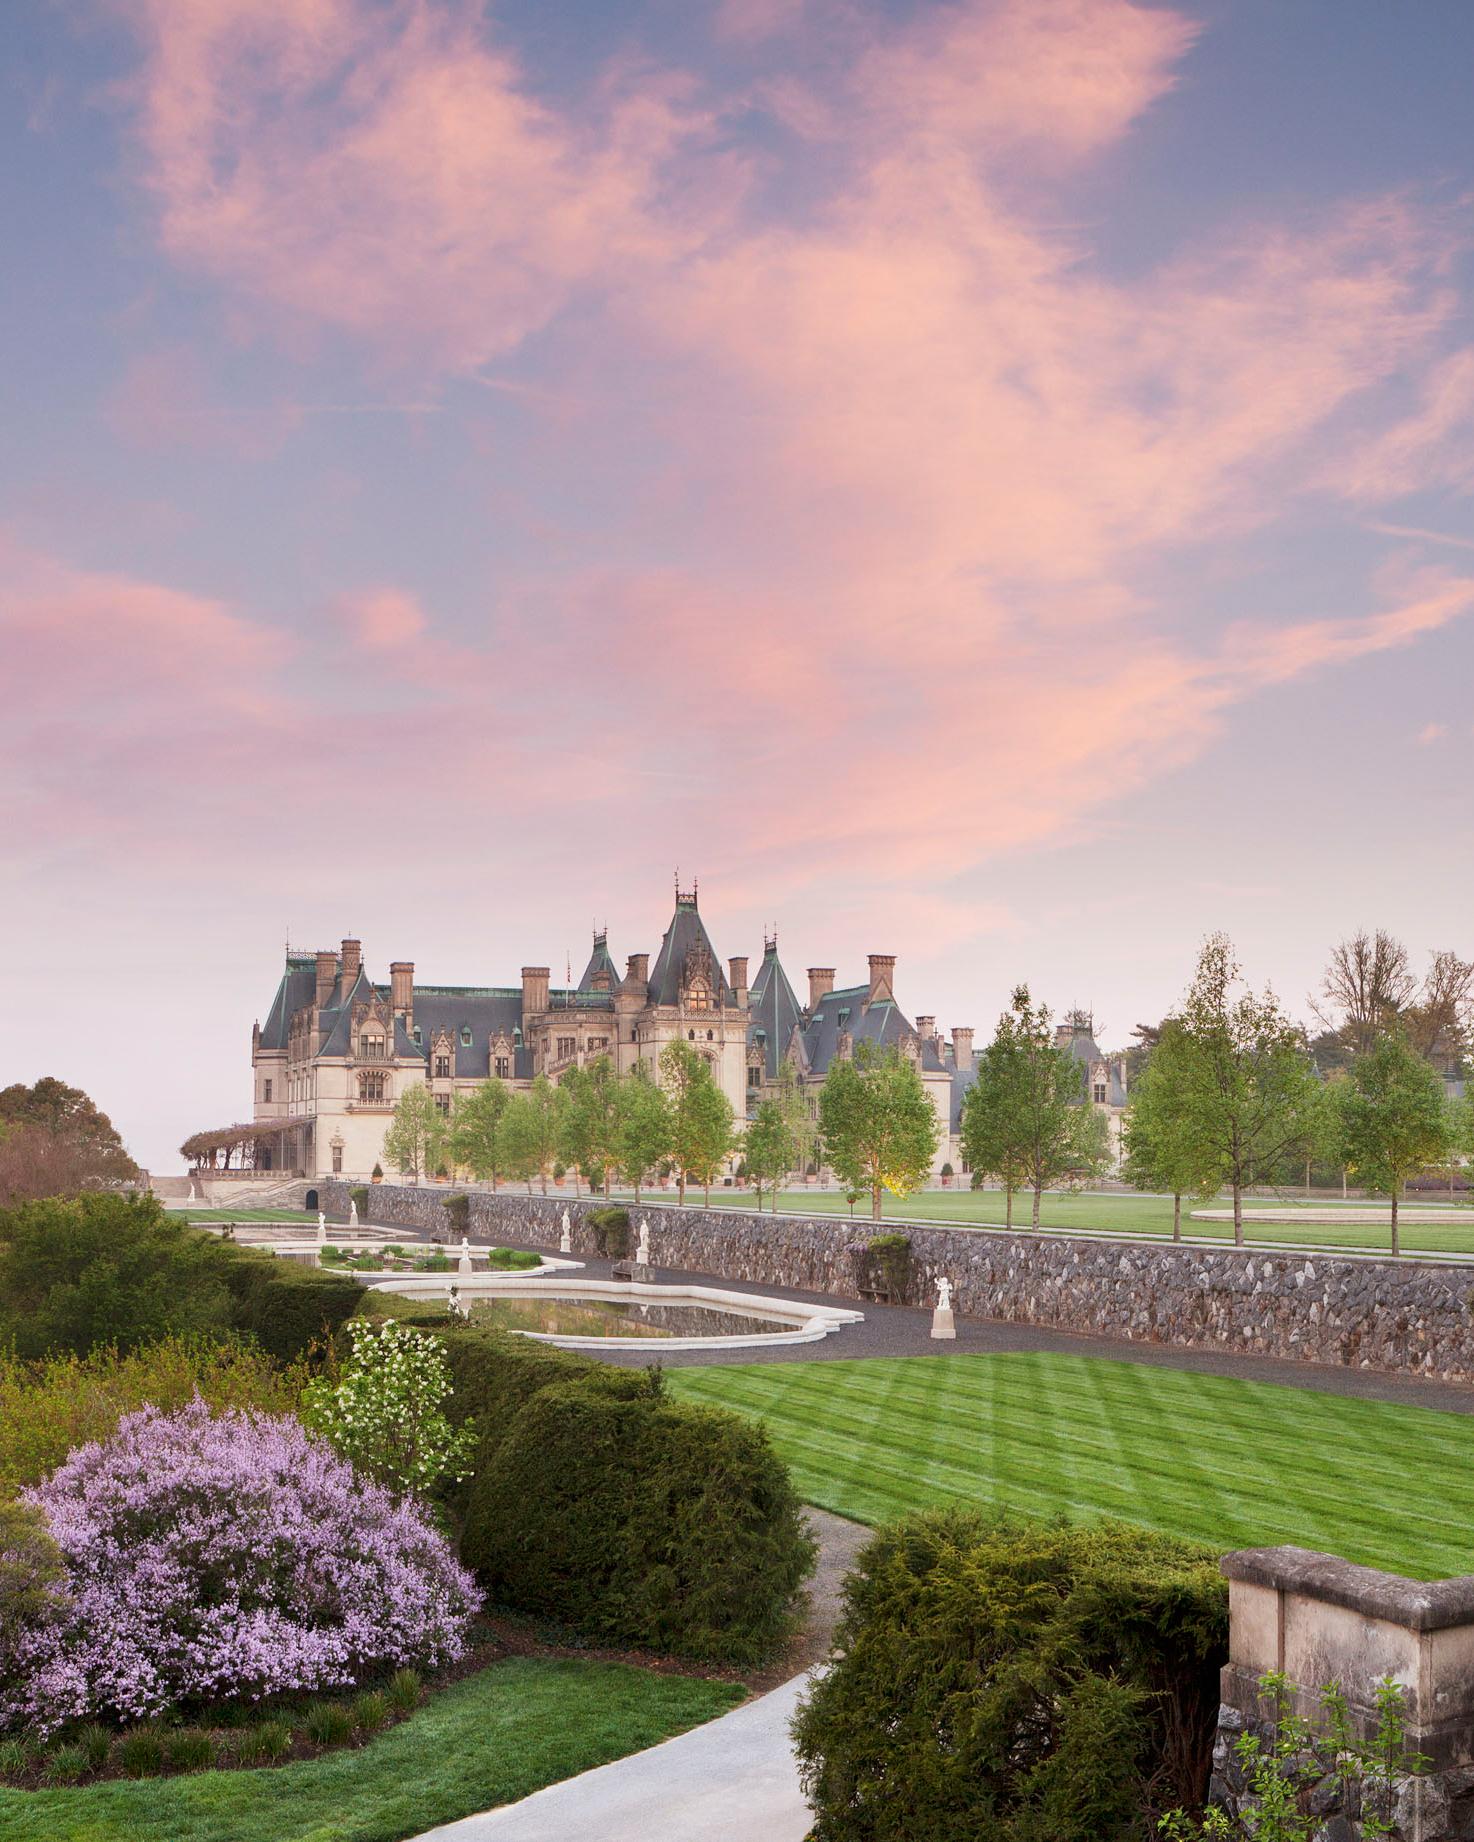 vineyard-wedding-venues-biltmore-company-0714.jpg